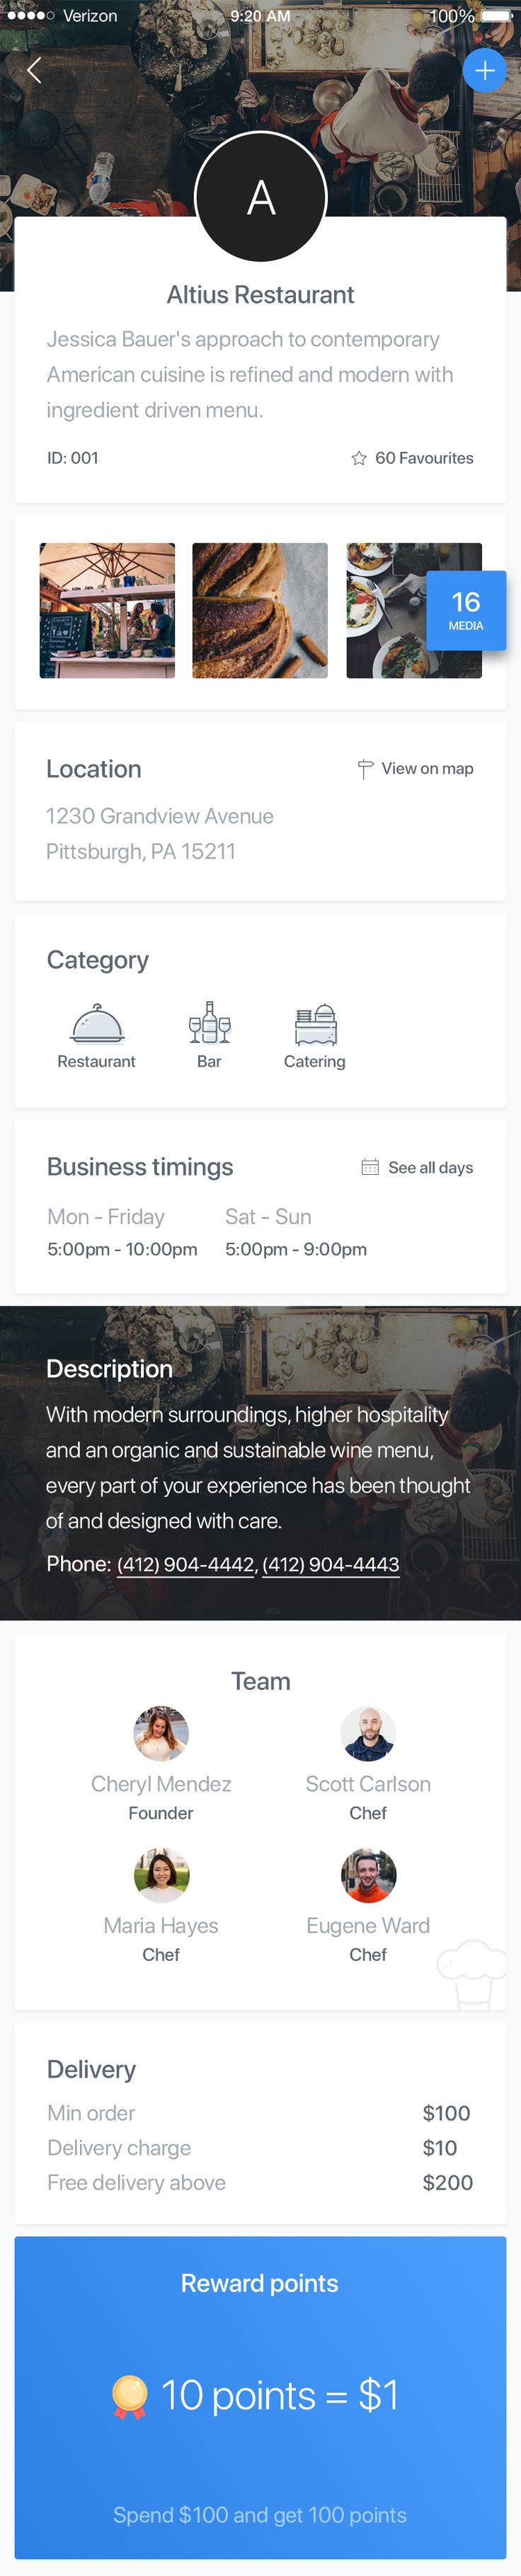 Dribbble - lite-restaurant-full.jpg by Goutham